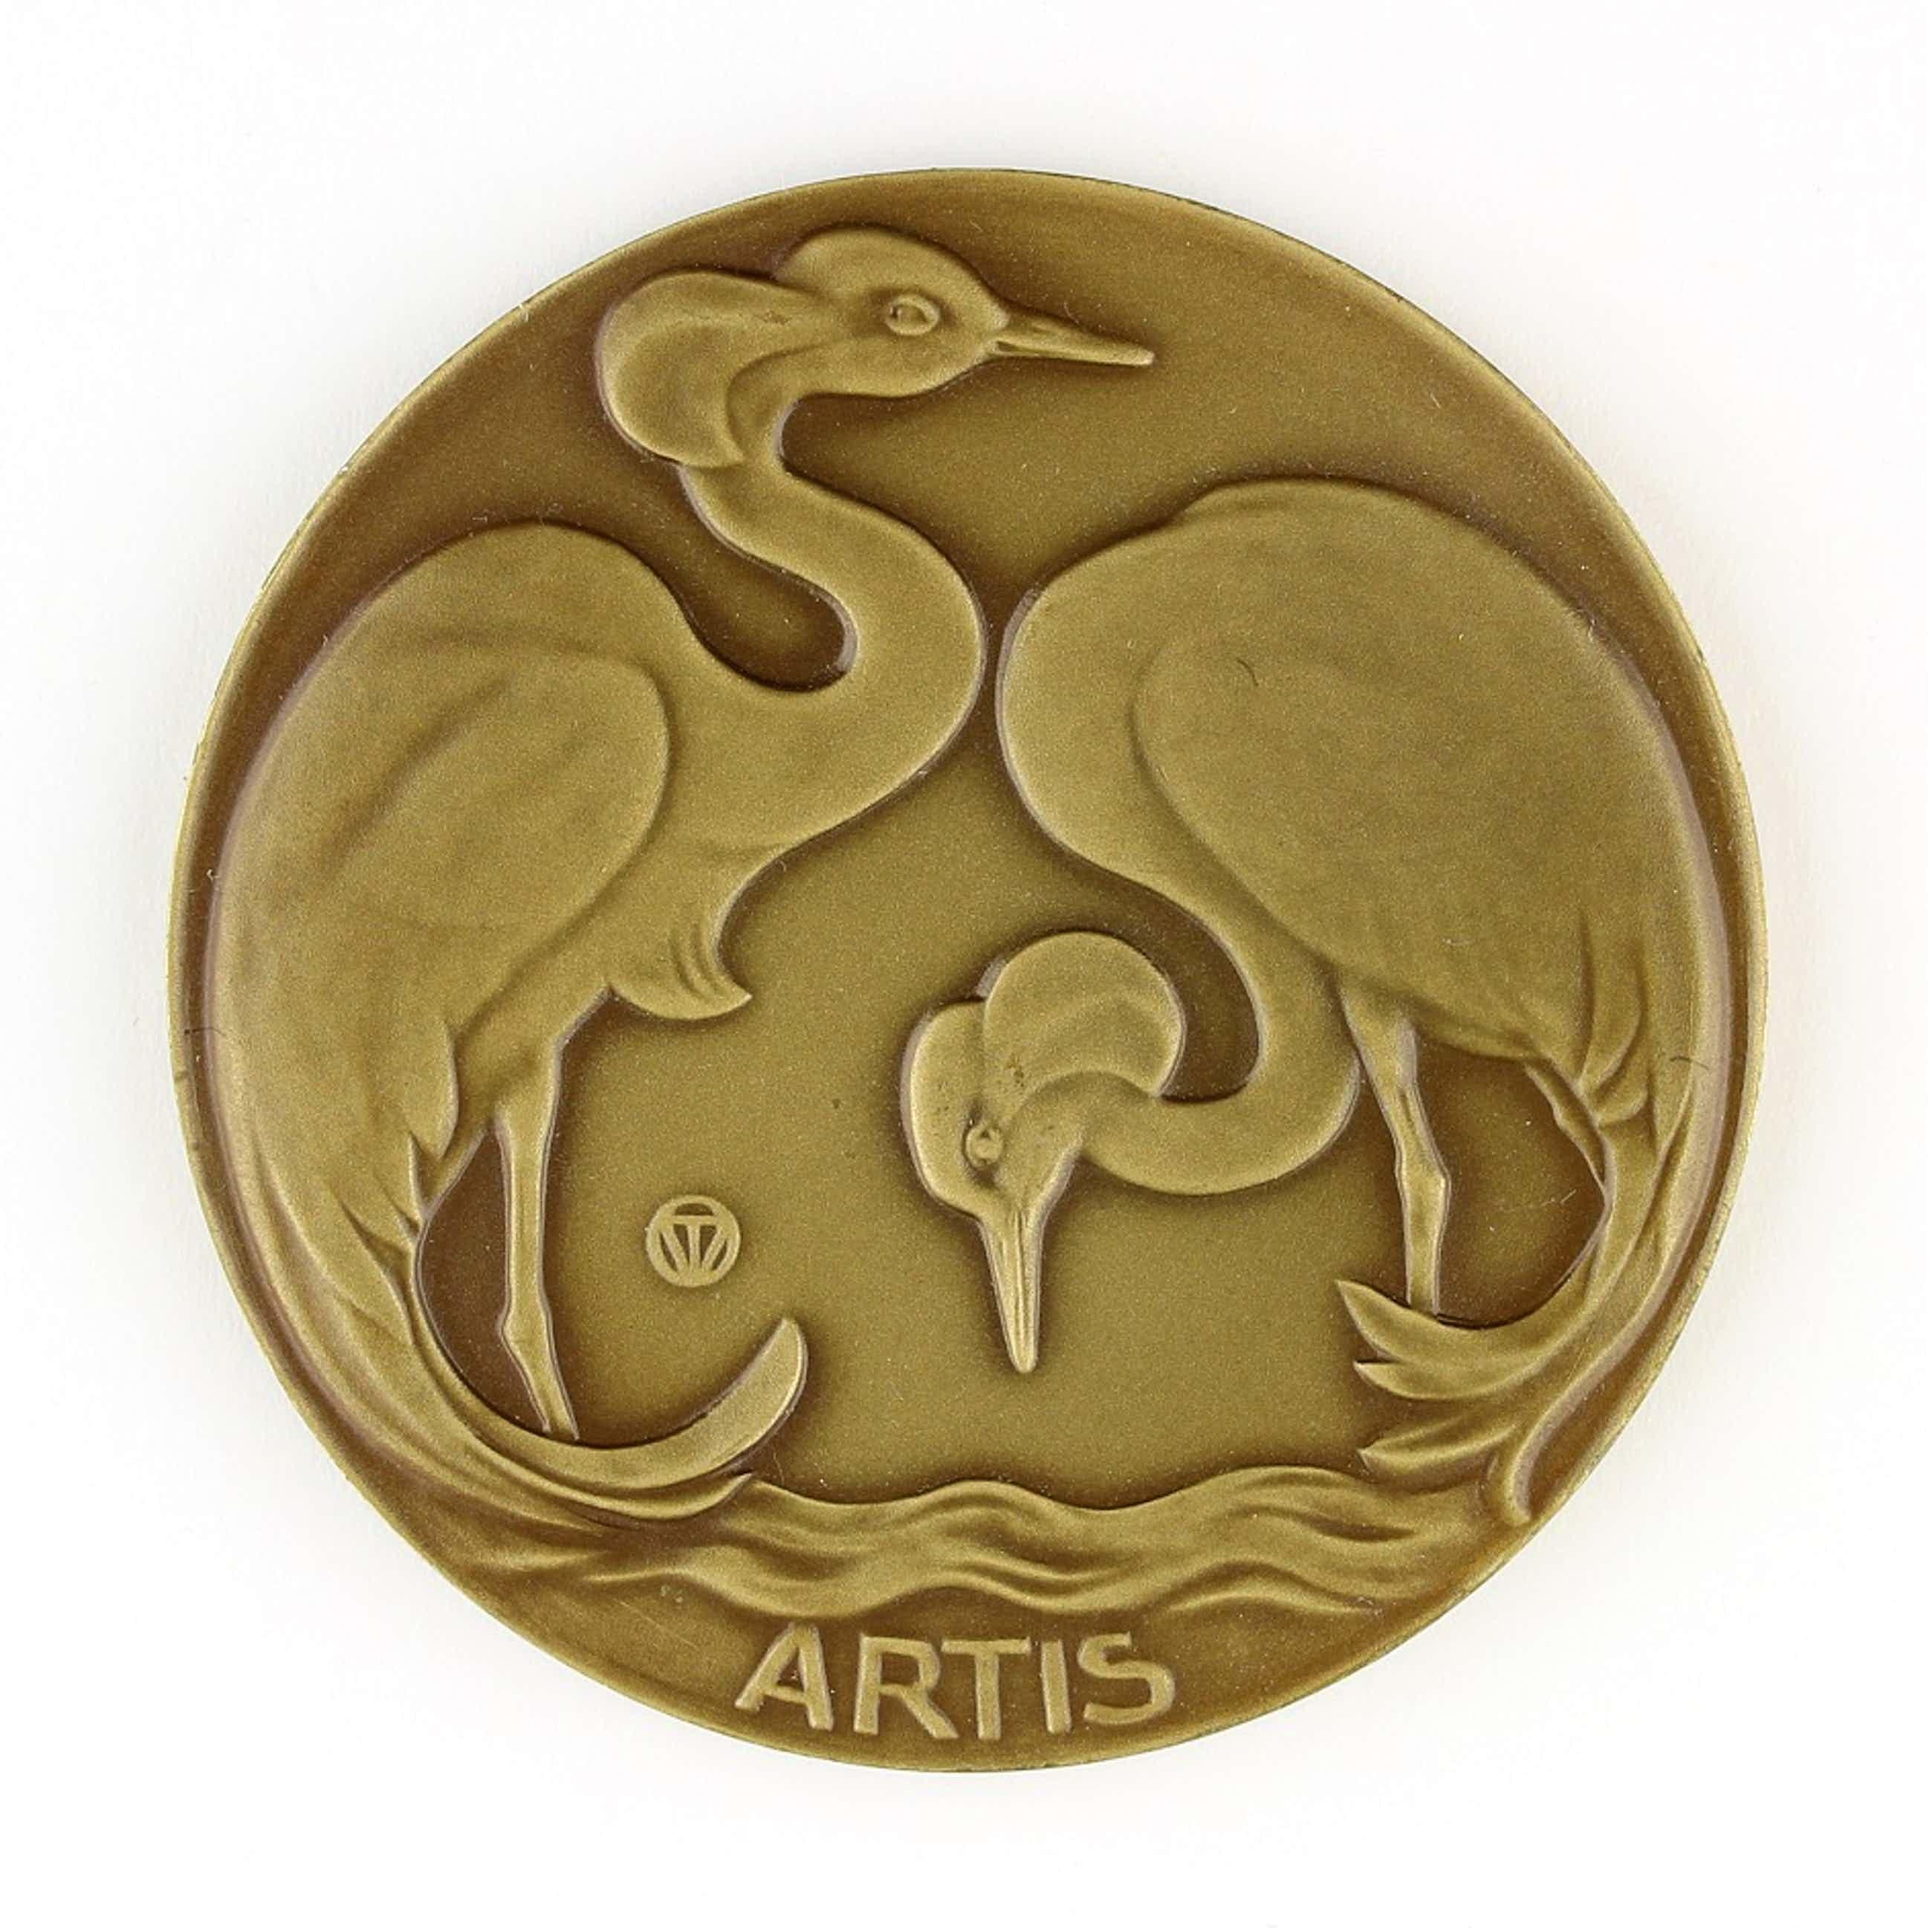 Tjipke visser - Bronzen penning: Artis, 1930 kopen? Bied vanaf 125!